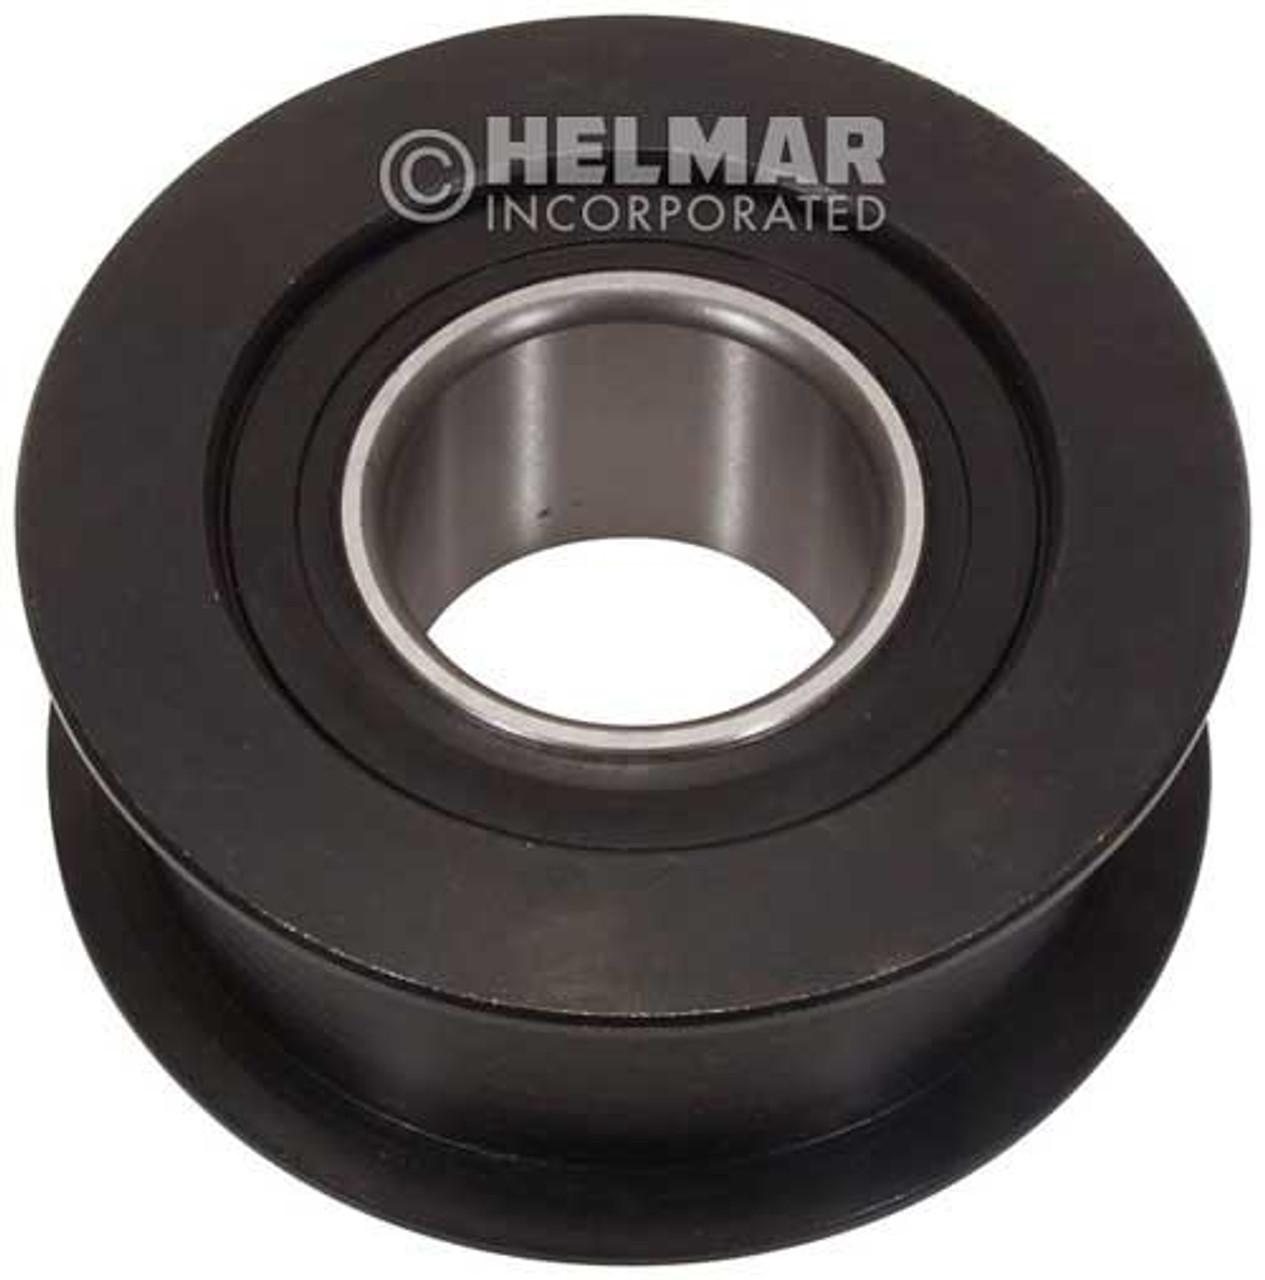 1648618 Clark Chain Sheave 41.81mm Wide, 111.03mm Outer Diameter, 44.32mm Inner Diameter